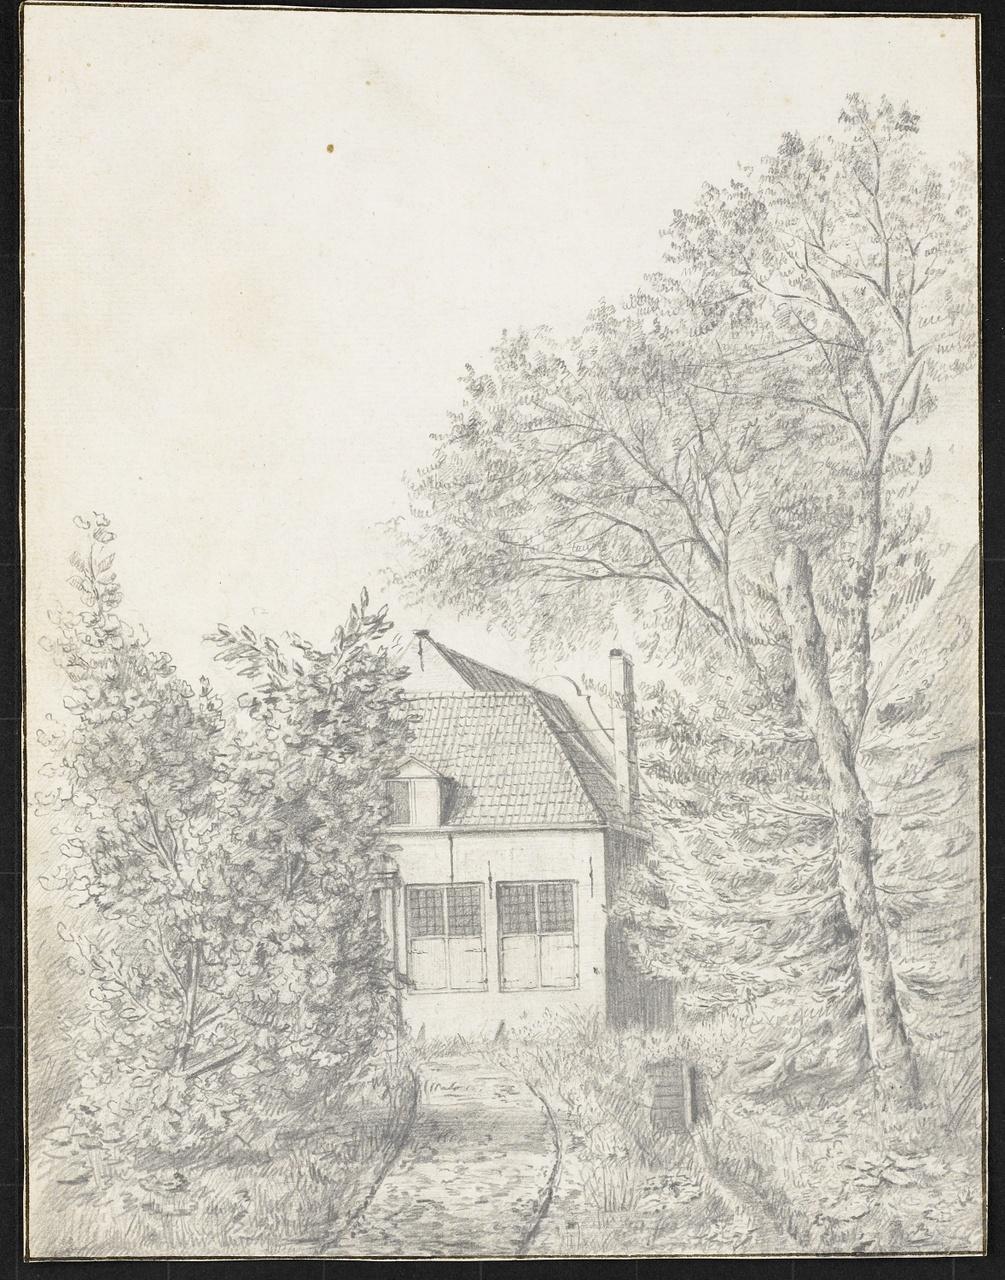 Tekening van een huis tussen de bomen